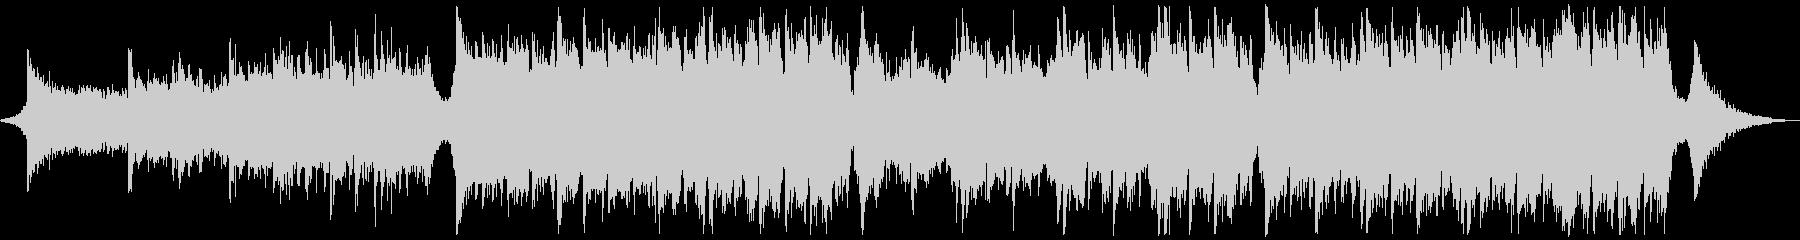 勝利と栄光のオーケストラ x1回の未再生の波形